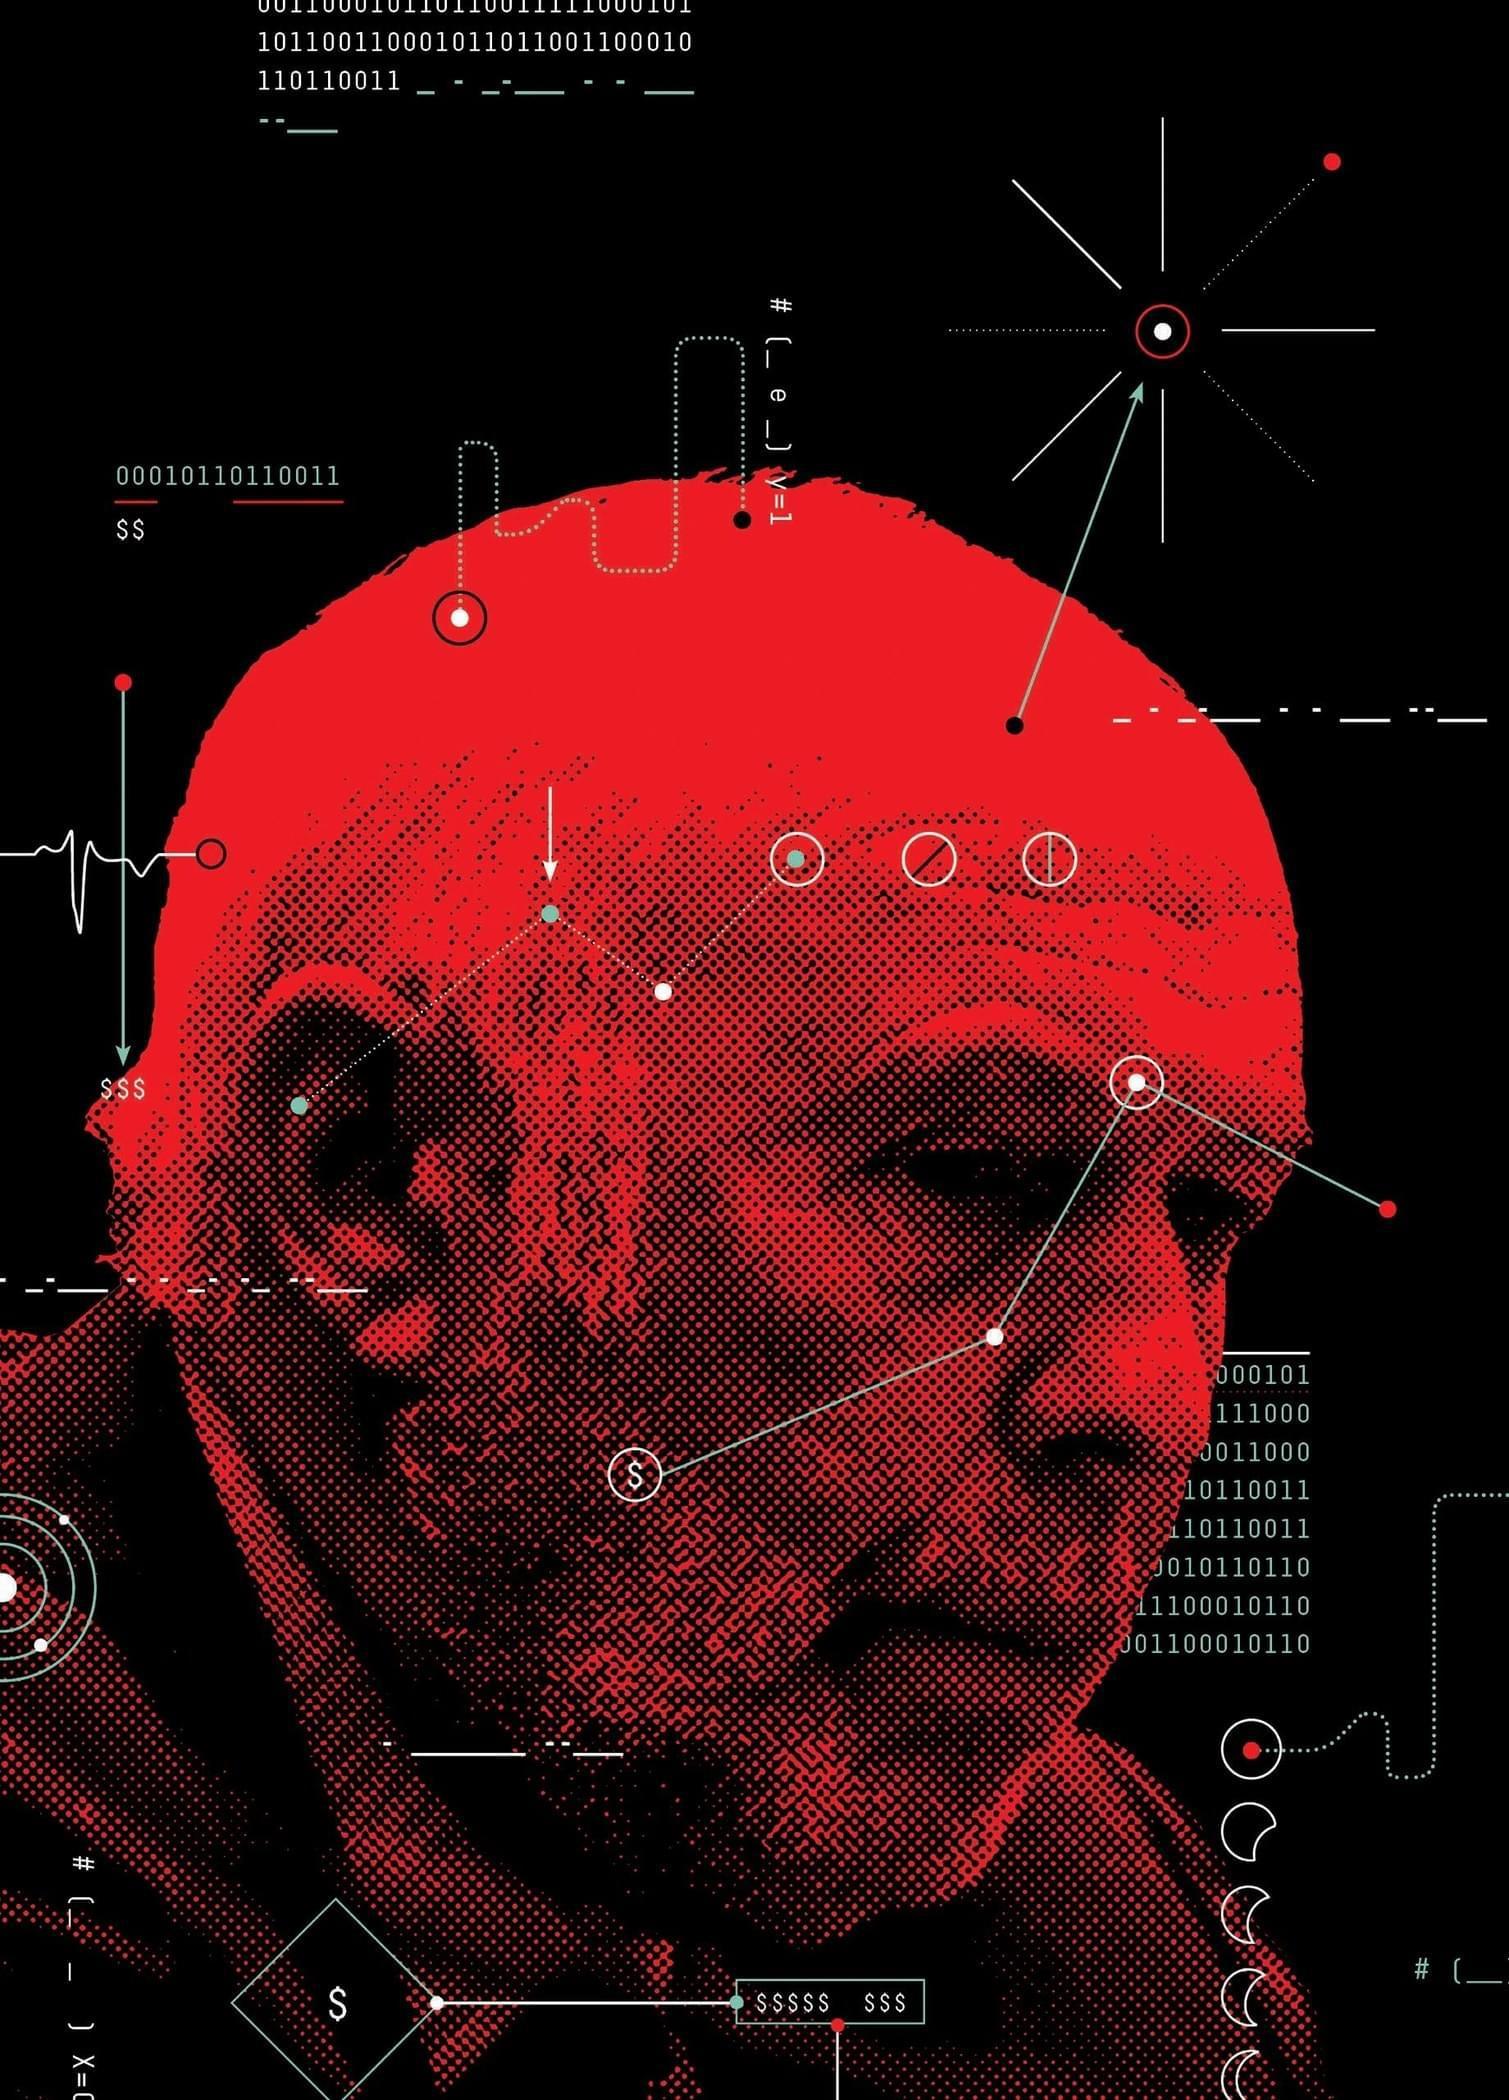 他用数学颠覆华尔街,又将用数据分析推动科学发展